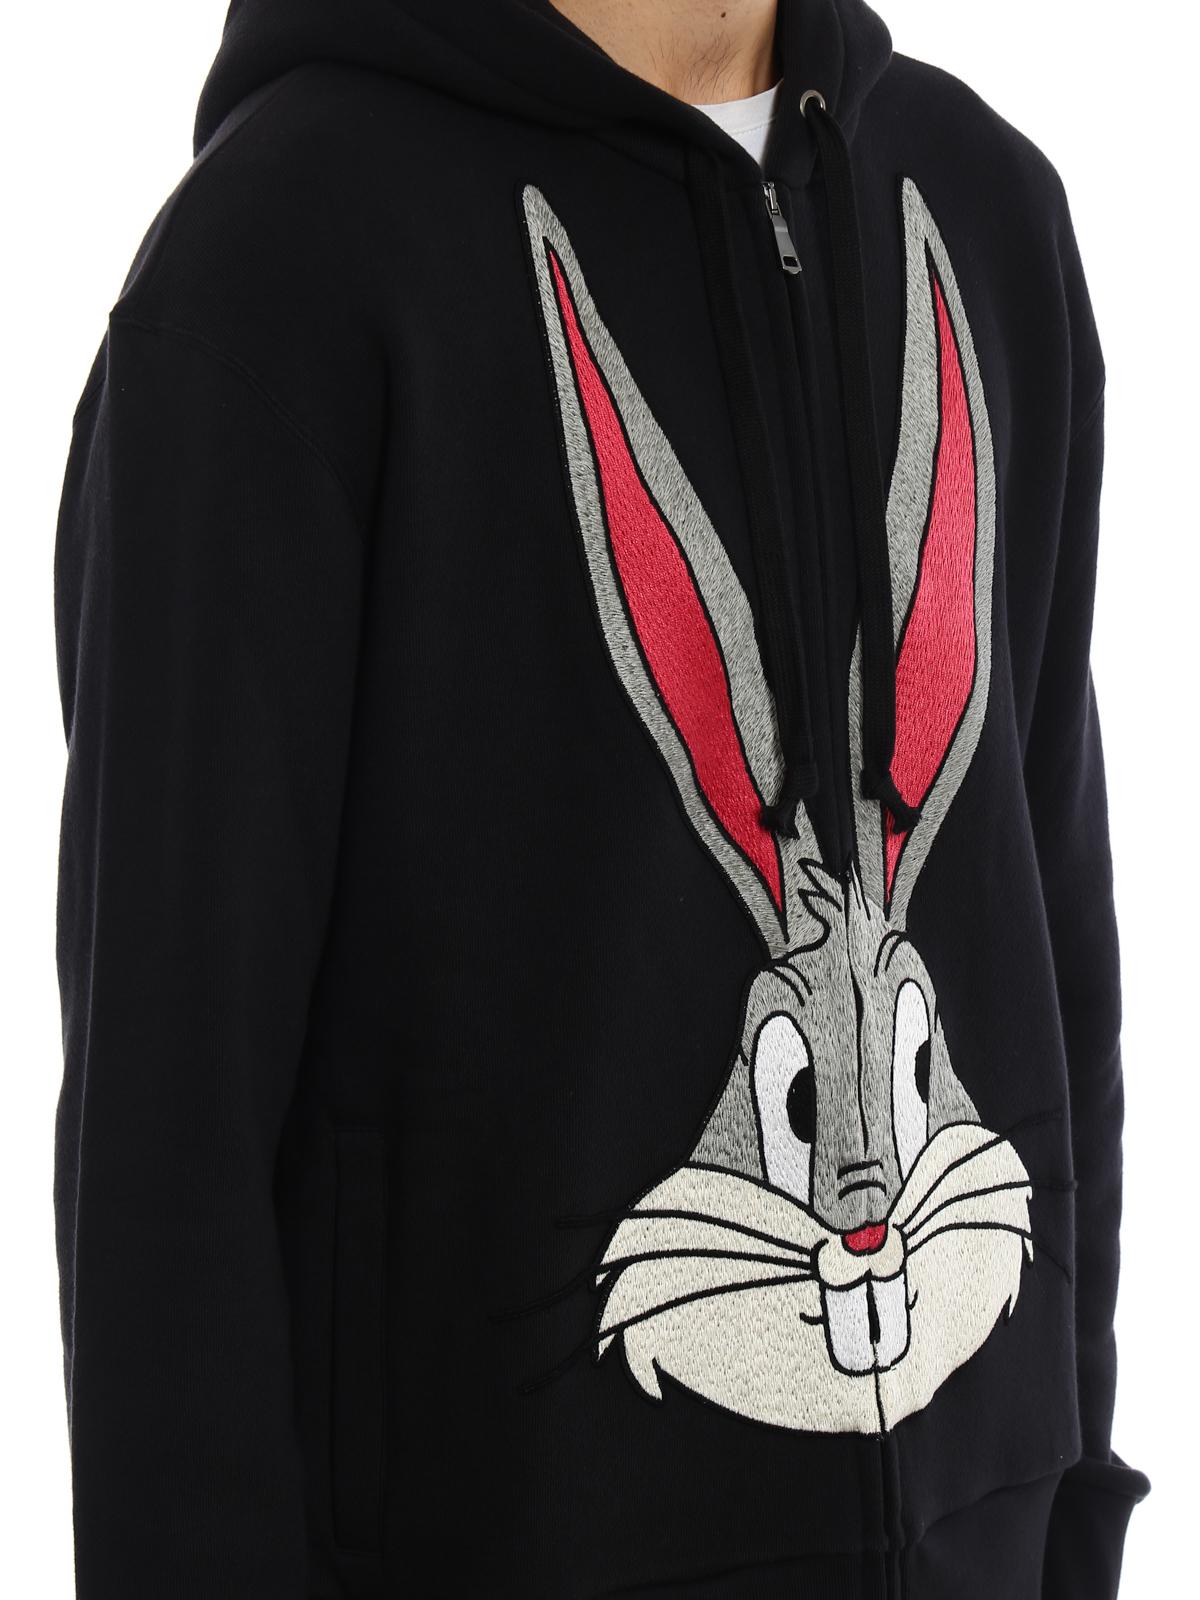 mirada detallada 7e132 298e8 Gucci - Sudadera - Bugs Bunny - Sudaderas y suéteres ...